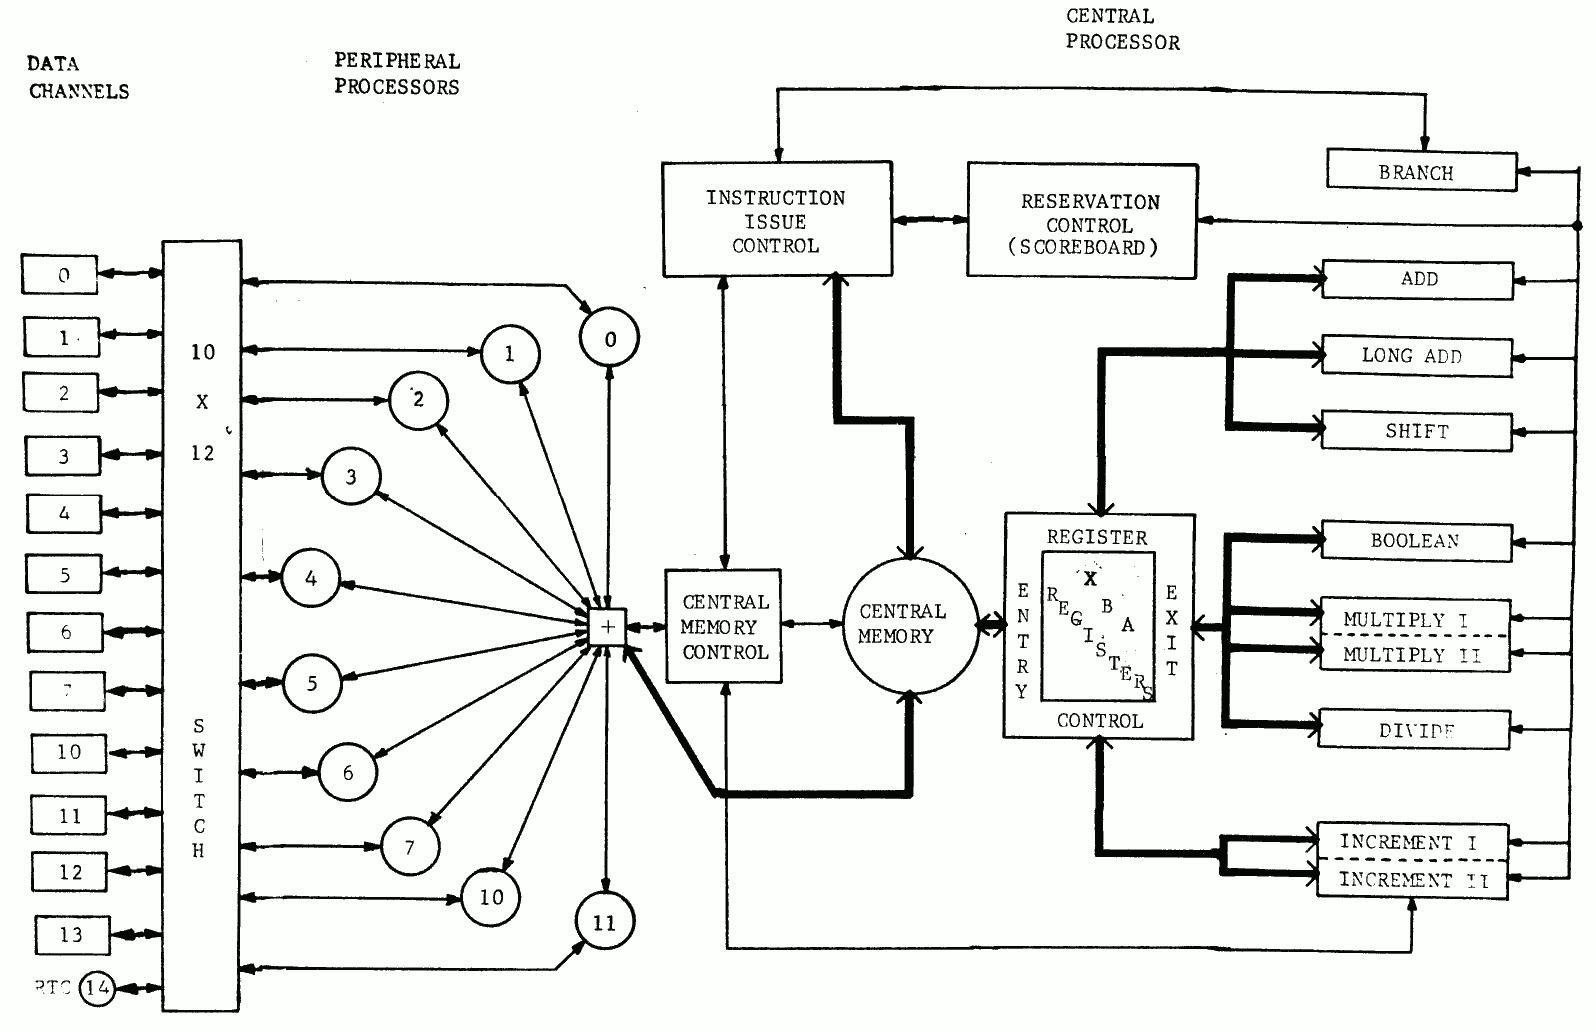 The CDC 6600 Architecture